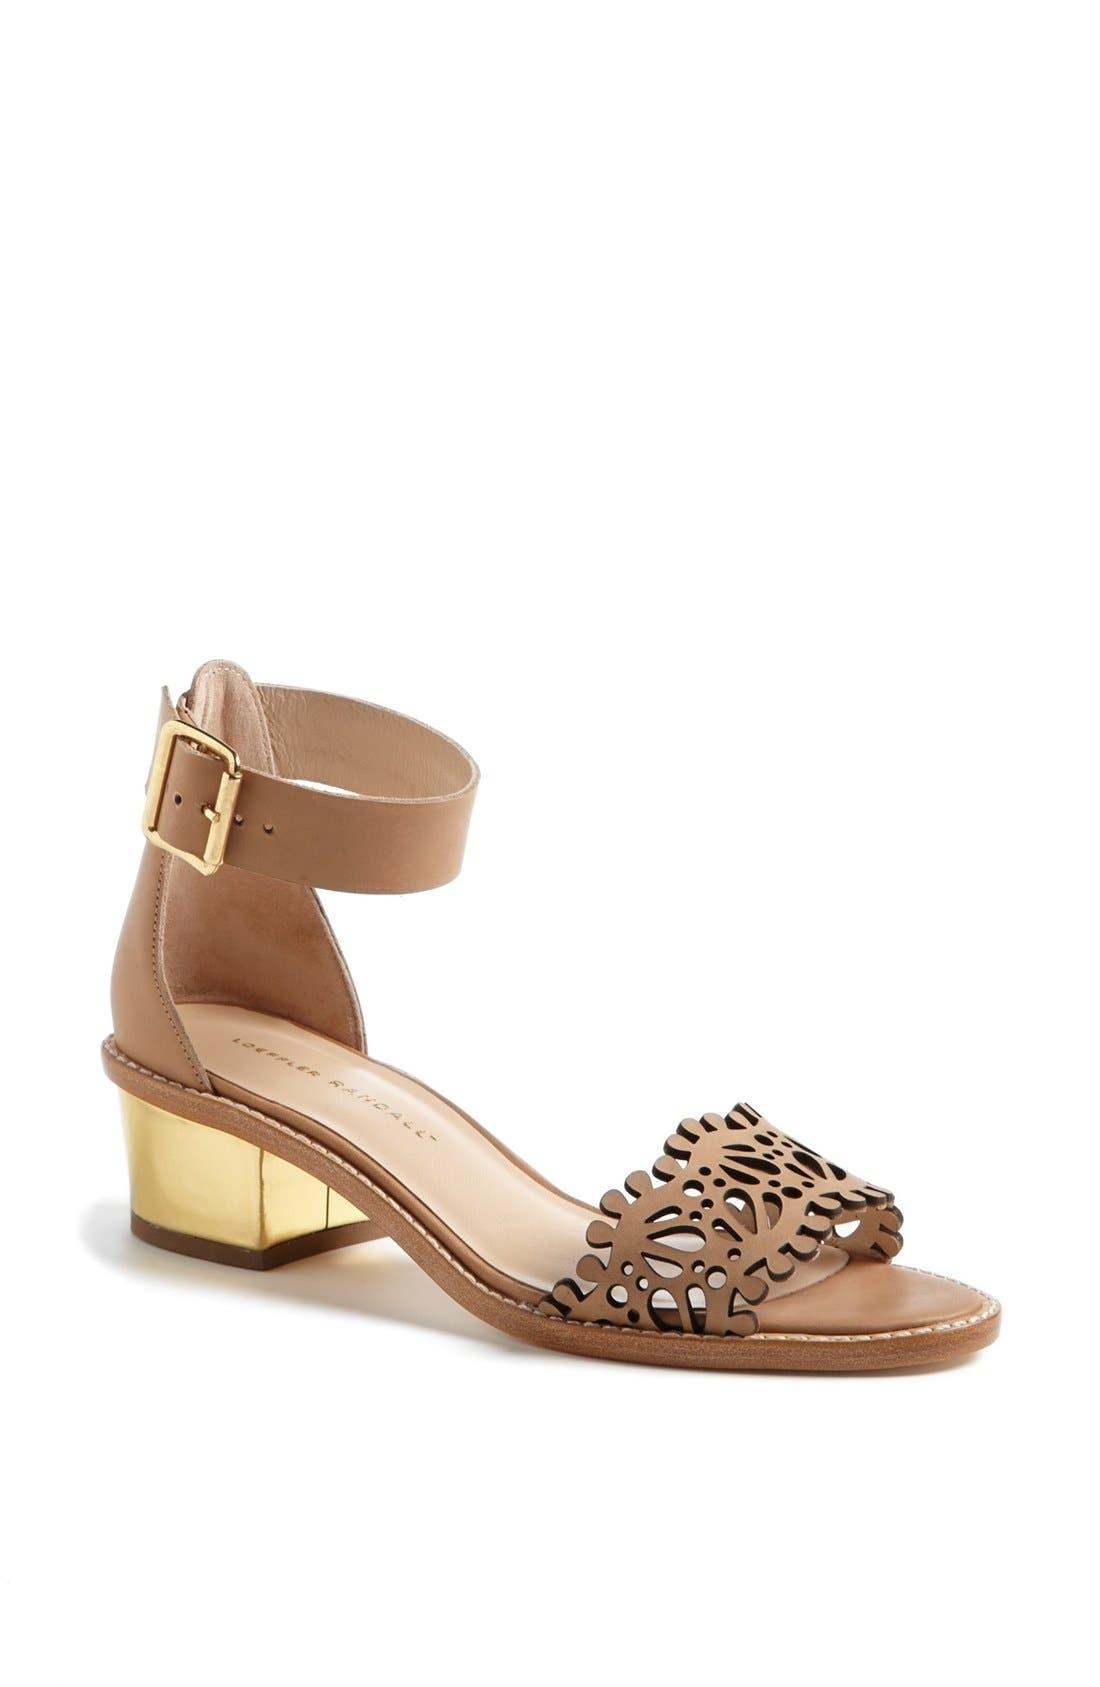 Main Image - Loeffler Randall 'Hopie' Ankle Strap Sandal (Online Only)